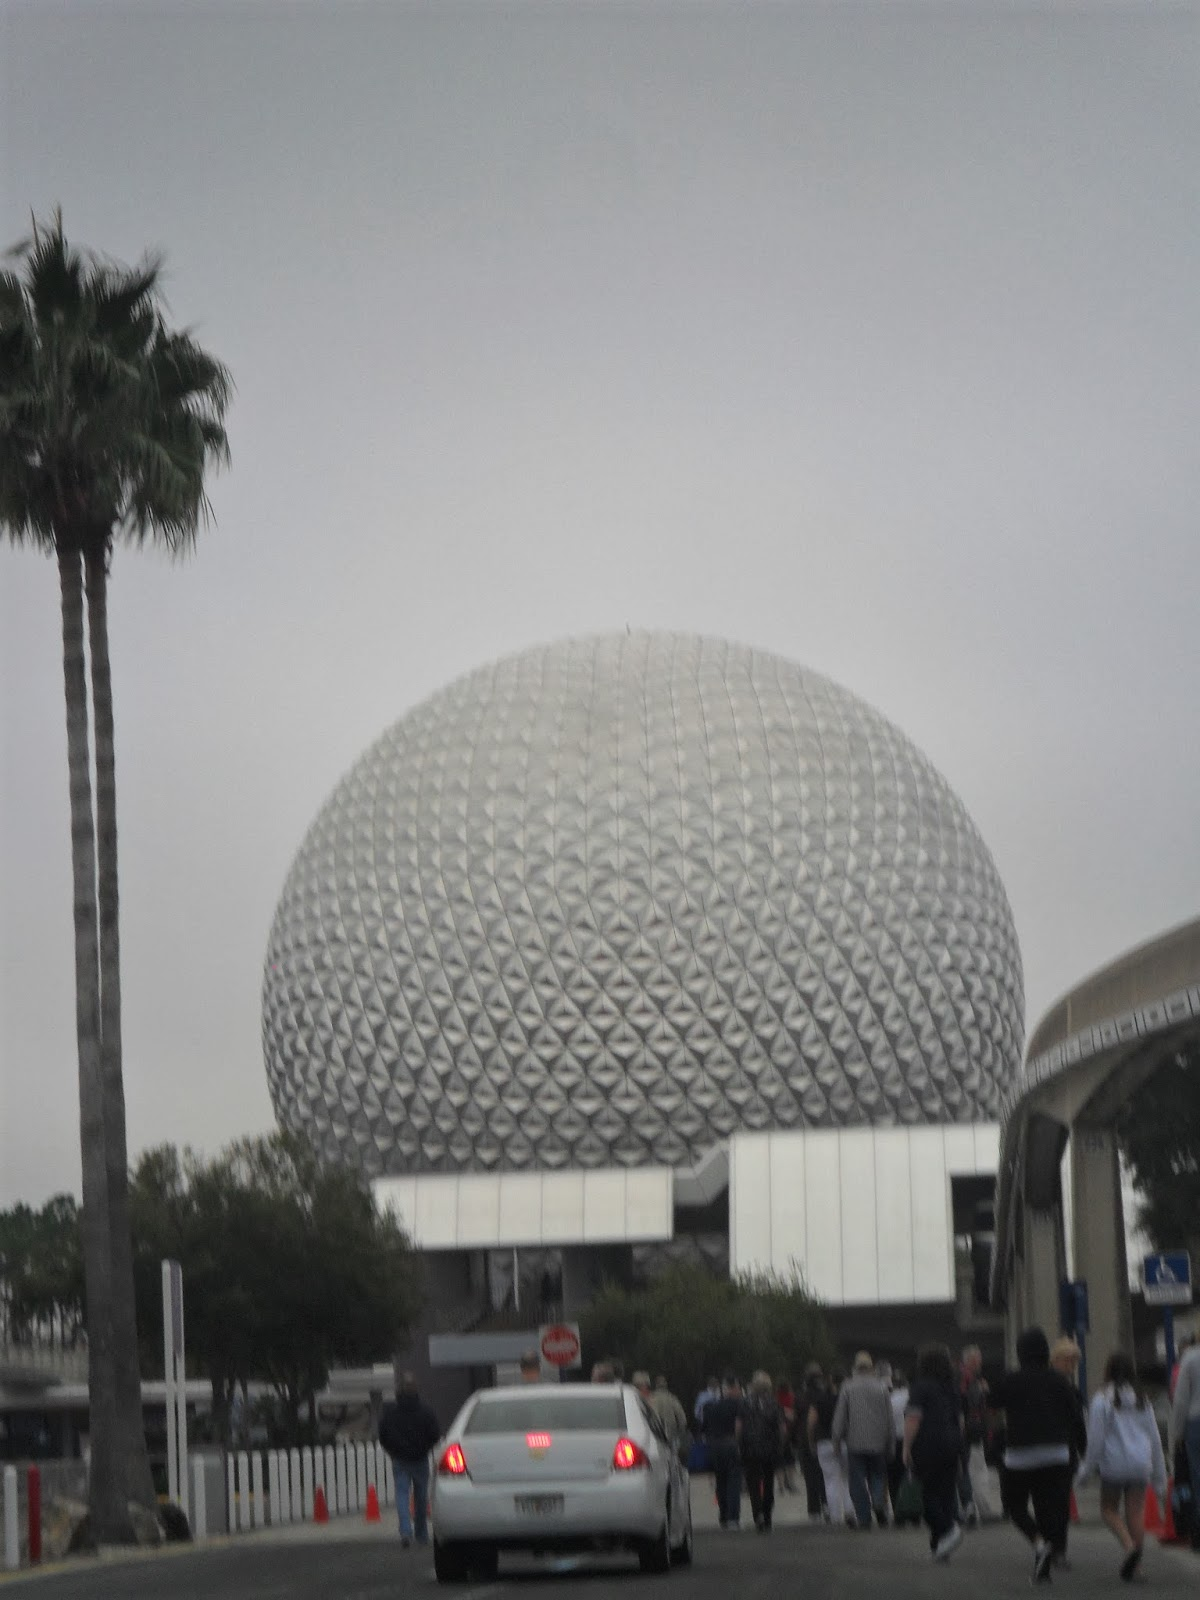 SEM GUIA; América do Norte; turismo; lazer; viagem; USA; Epcot Center